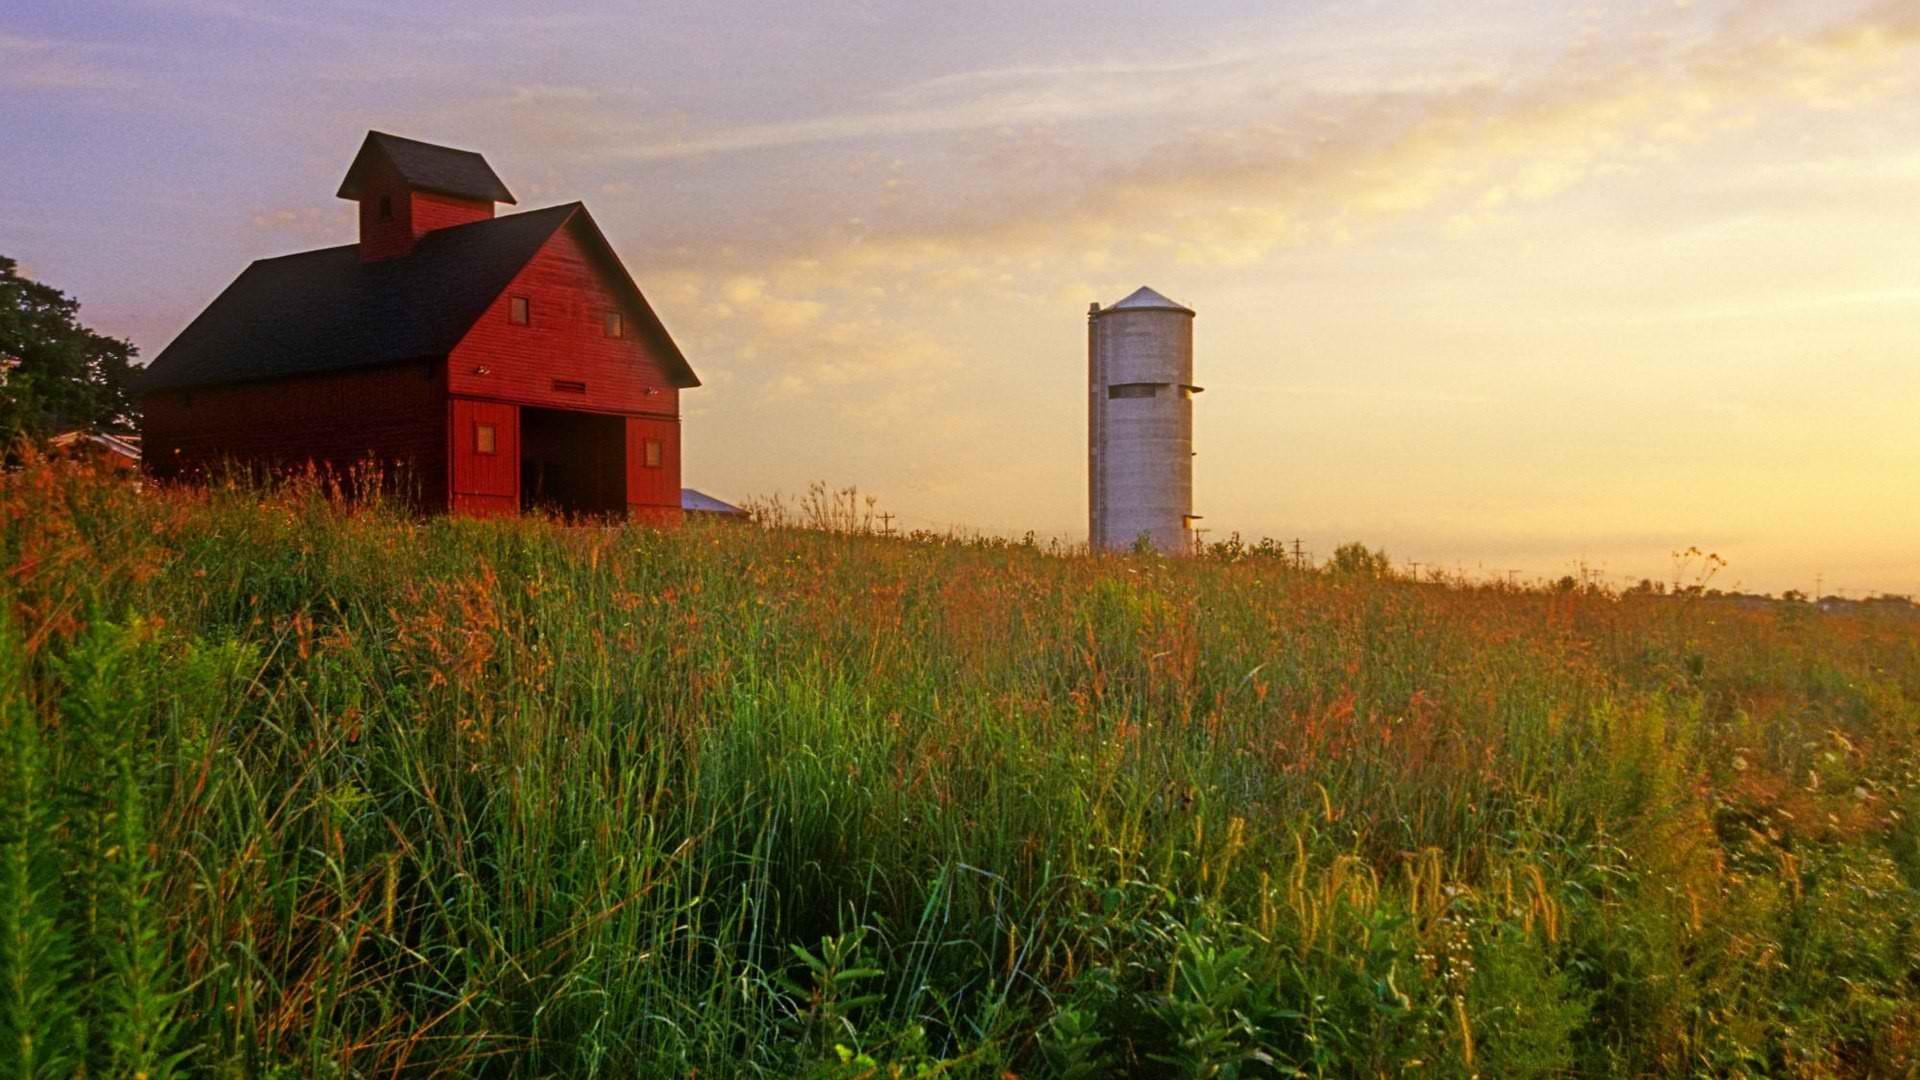 Cele mai bune solutii pentru depozitarea produselor agricole